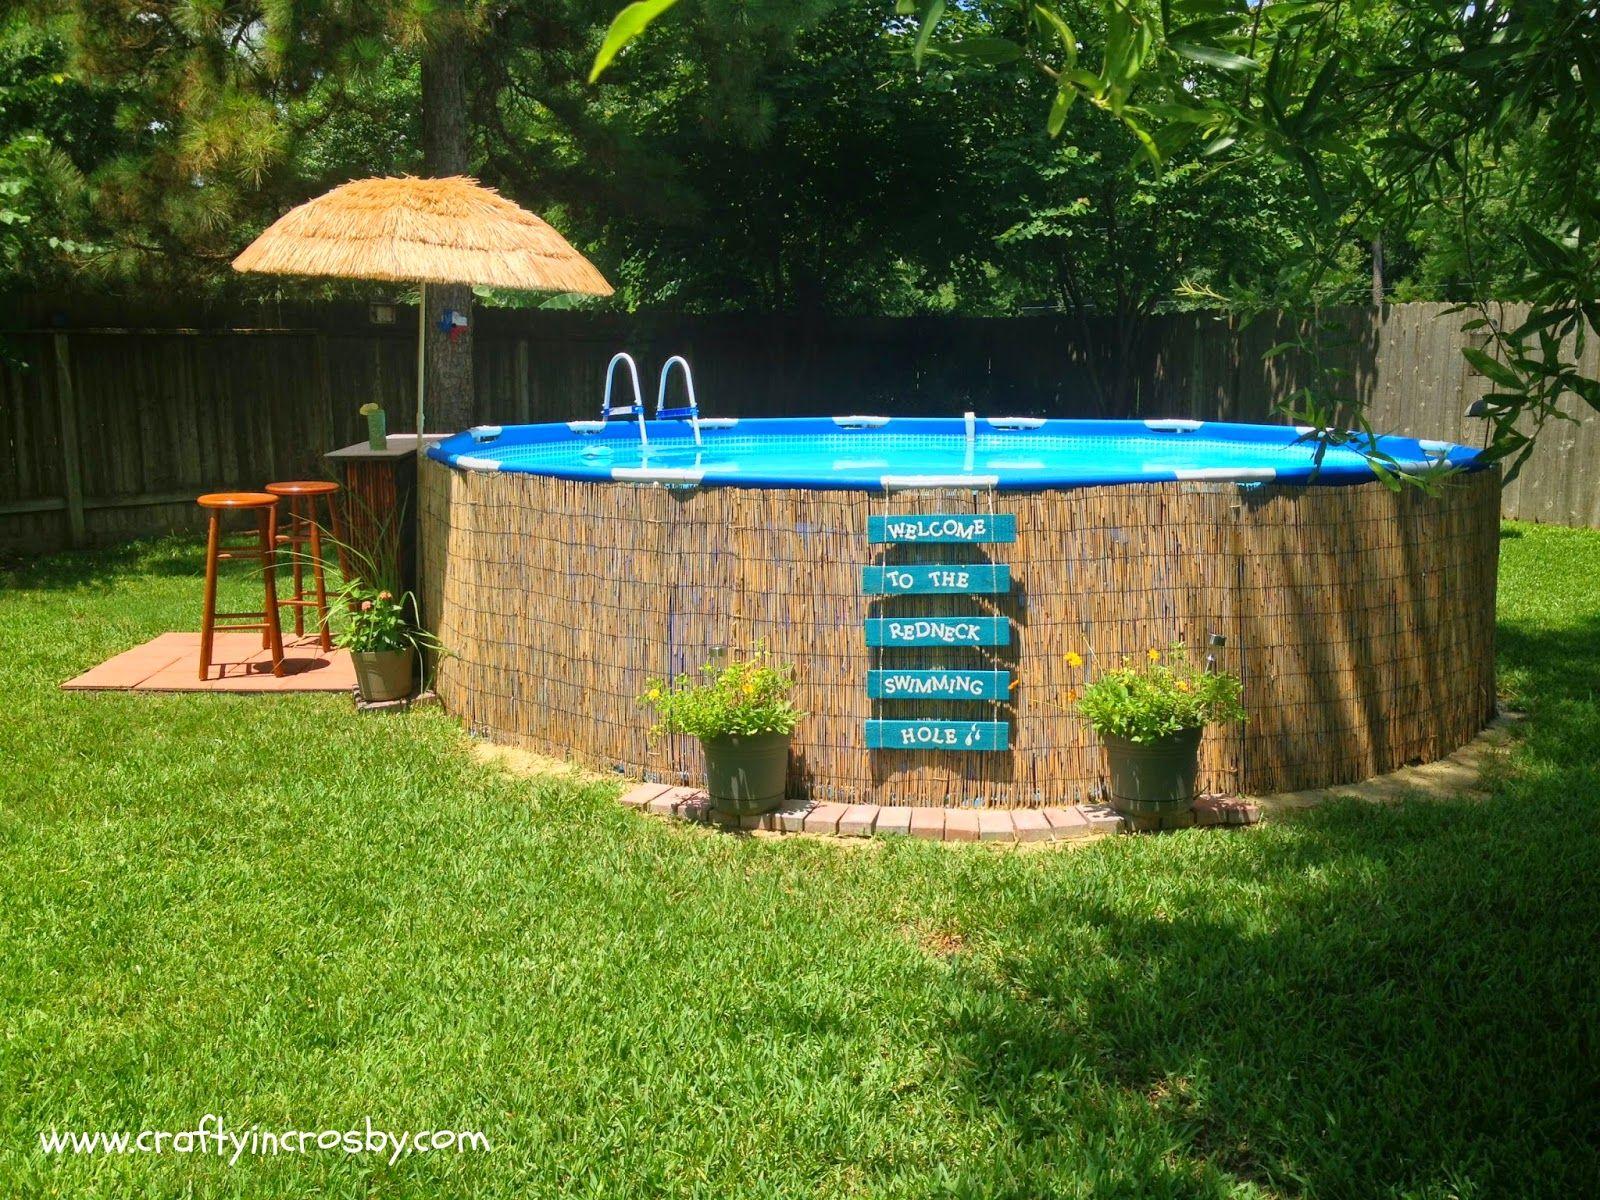 Excellente idée pour intégrer sa piscine hors sol tubulaire Intex dans son  jardin ! Hyper simple et ambiance tropicale assurée  )  intex  idée  deco  ... baf7d9f8a11